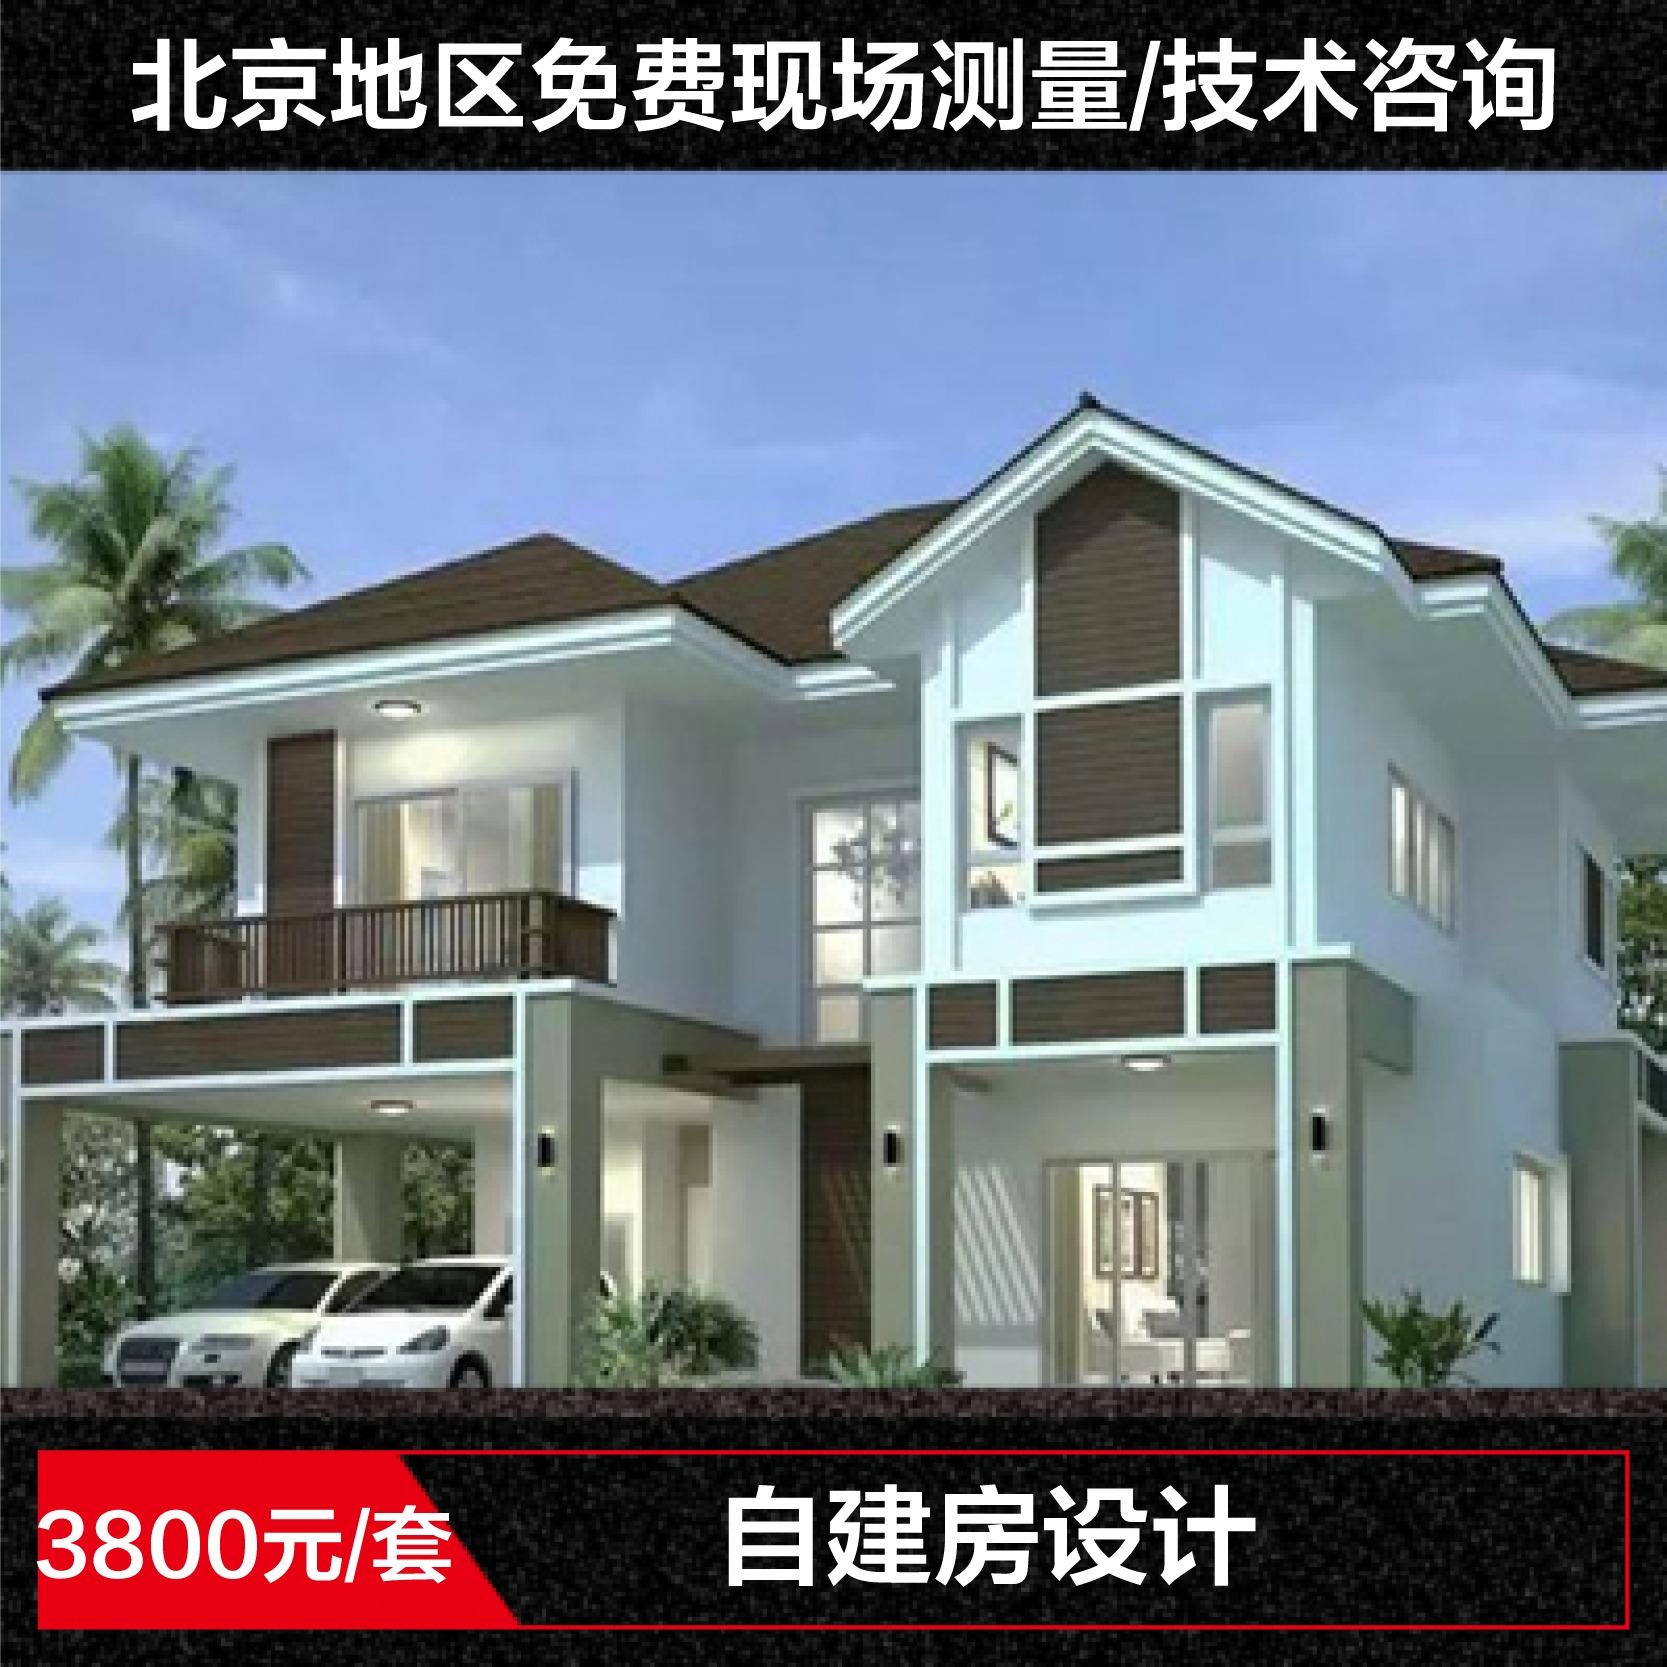 自建房设计,全套施工图 ,≤200平米收费,北京地区提供现场